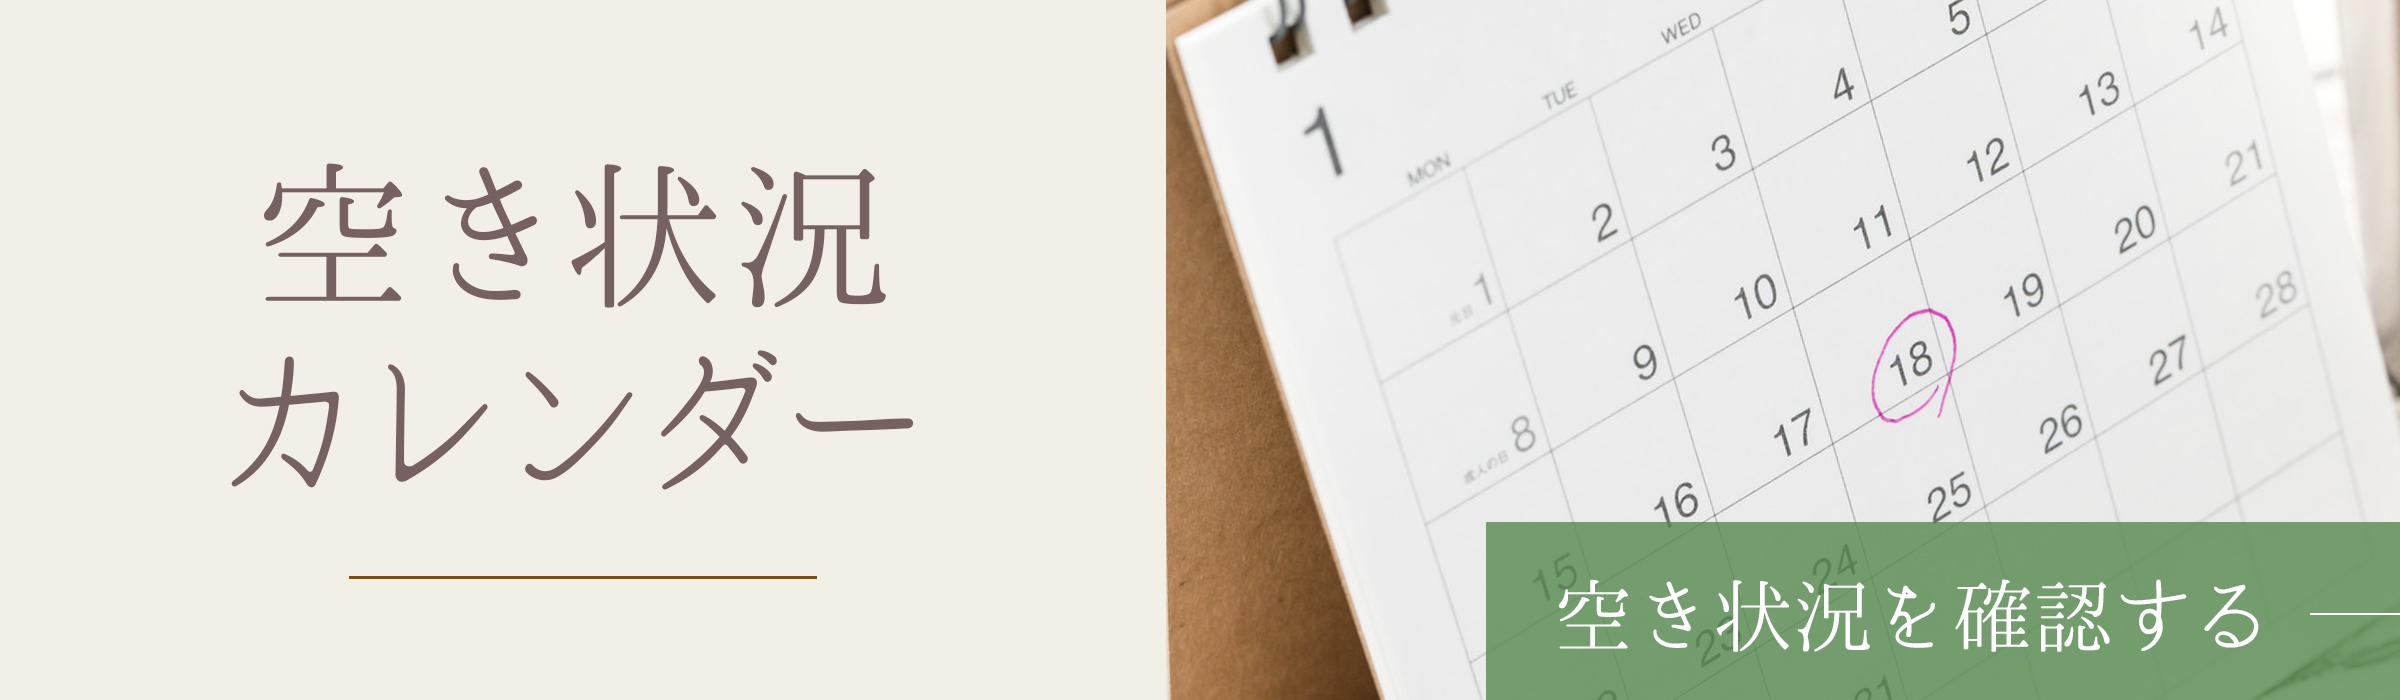 デイサービスいろは空き状況カレンダー